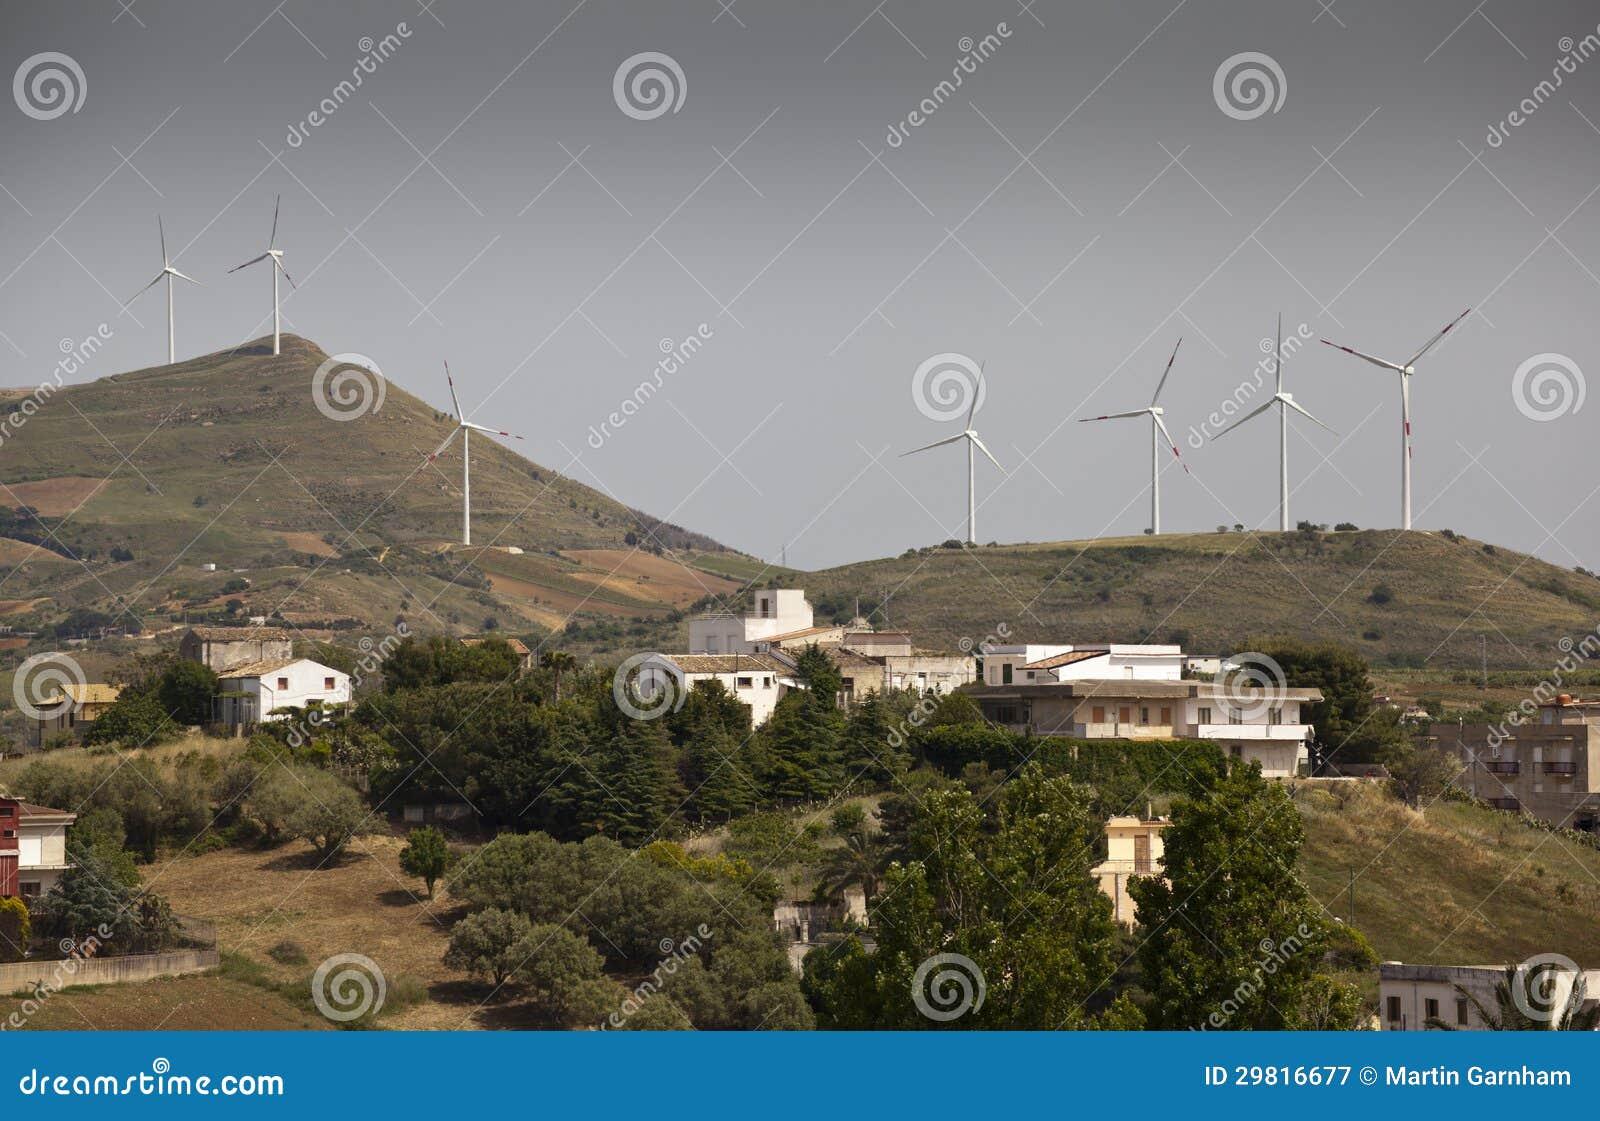 Linda turbiner